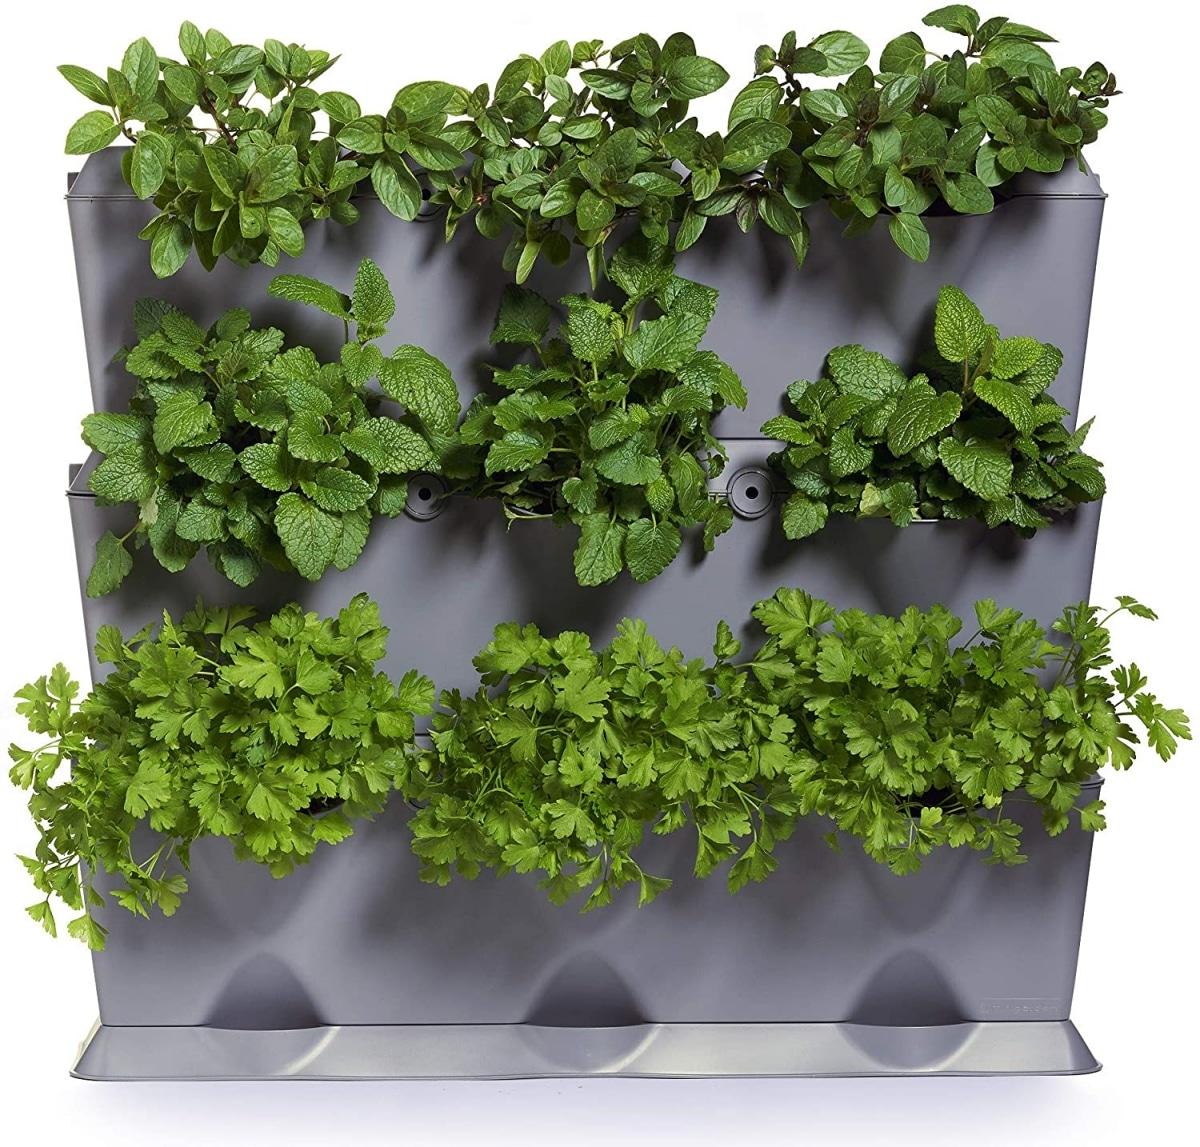 El huerto vertical es ideal para cultivar plantas pequeñas